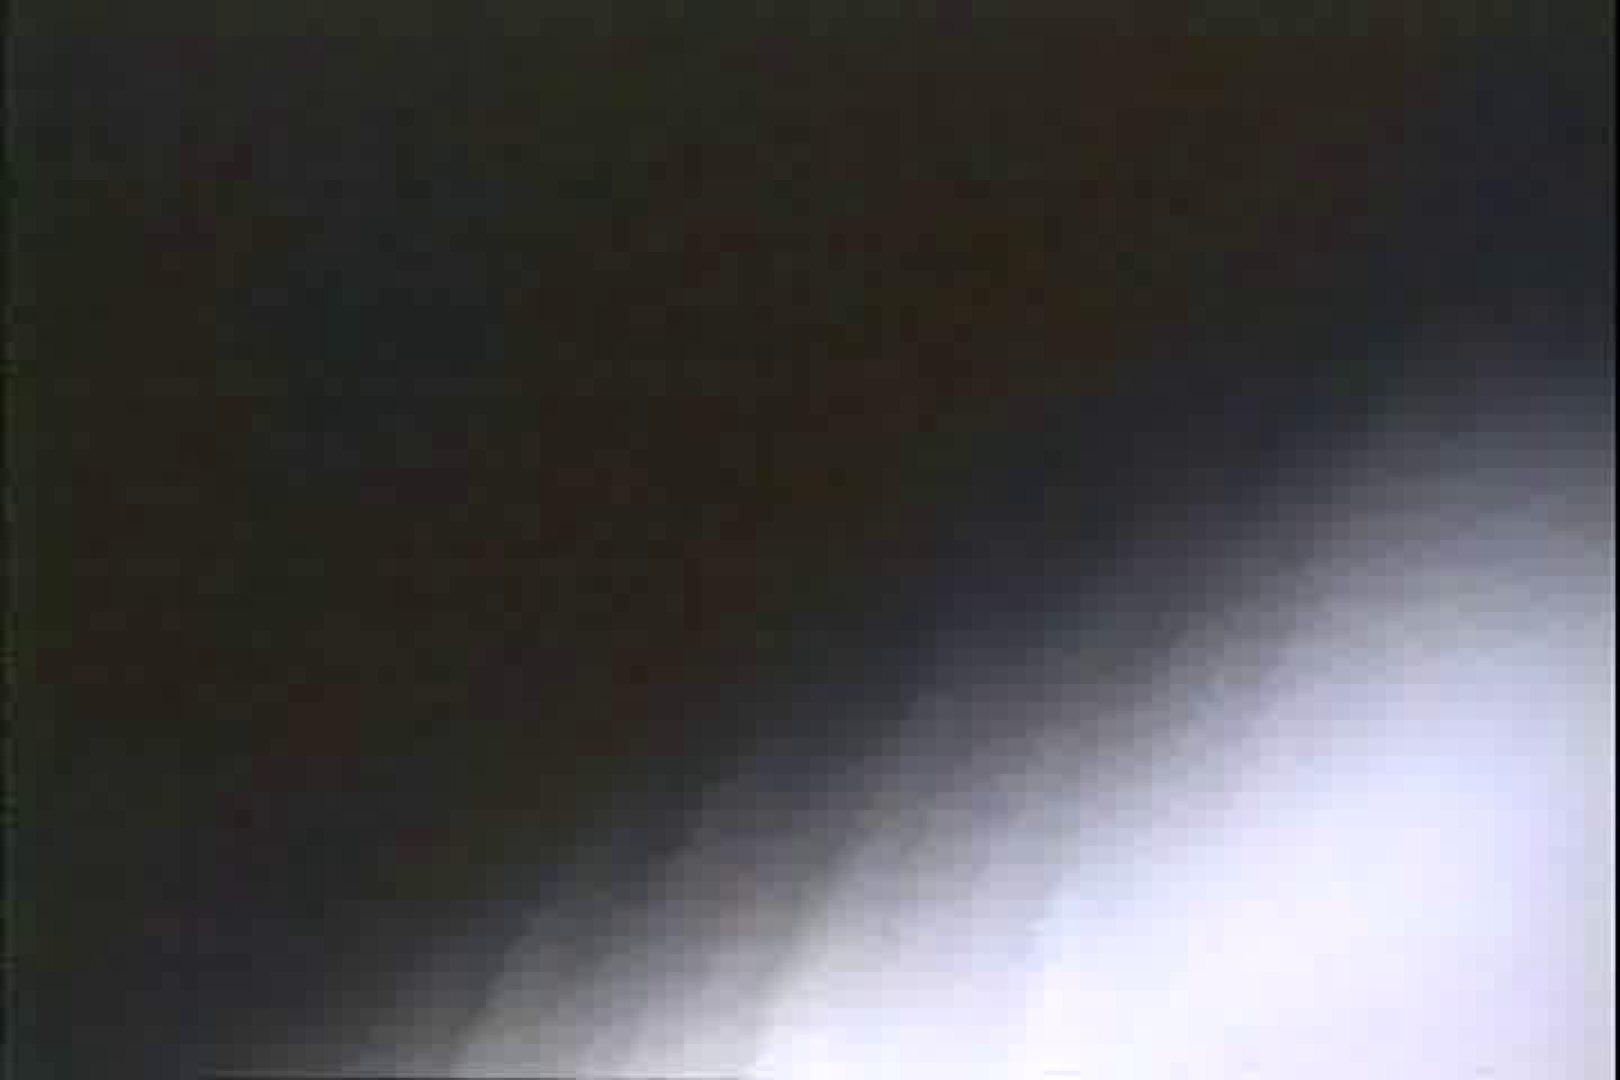 「ちくりん」さんのオリジナル未編集パンチラVol.6_01 新入生パンチラ  95pic 20